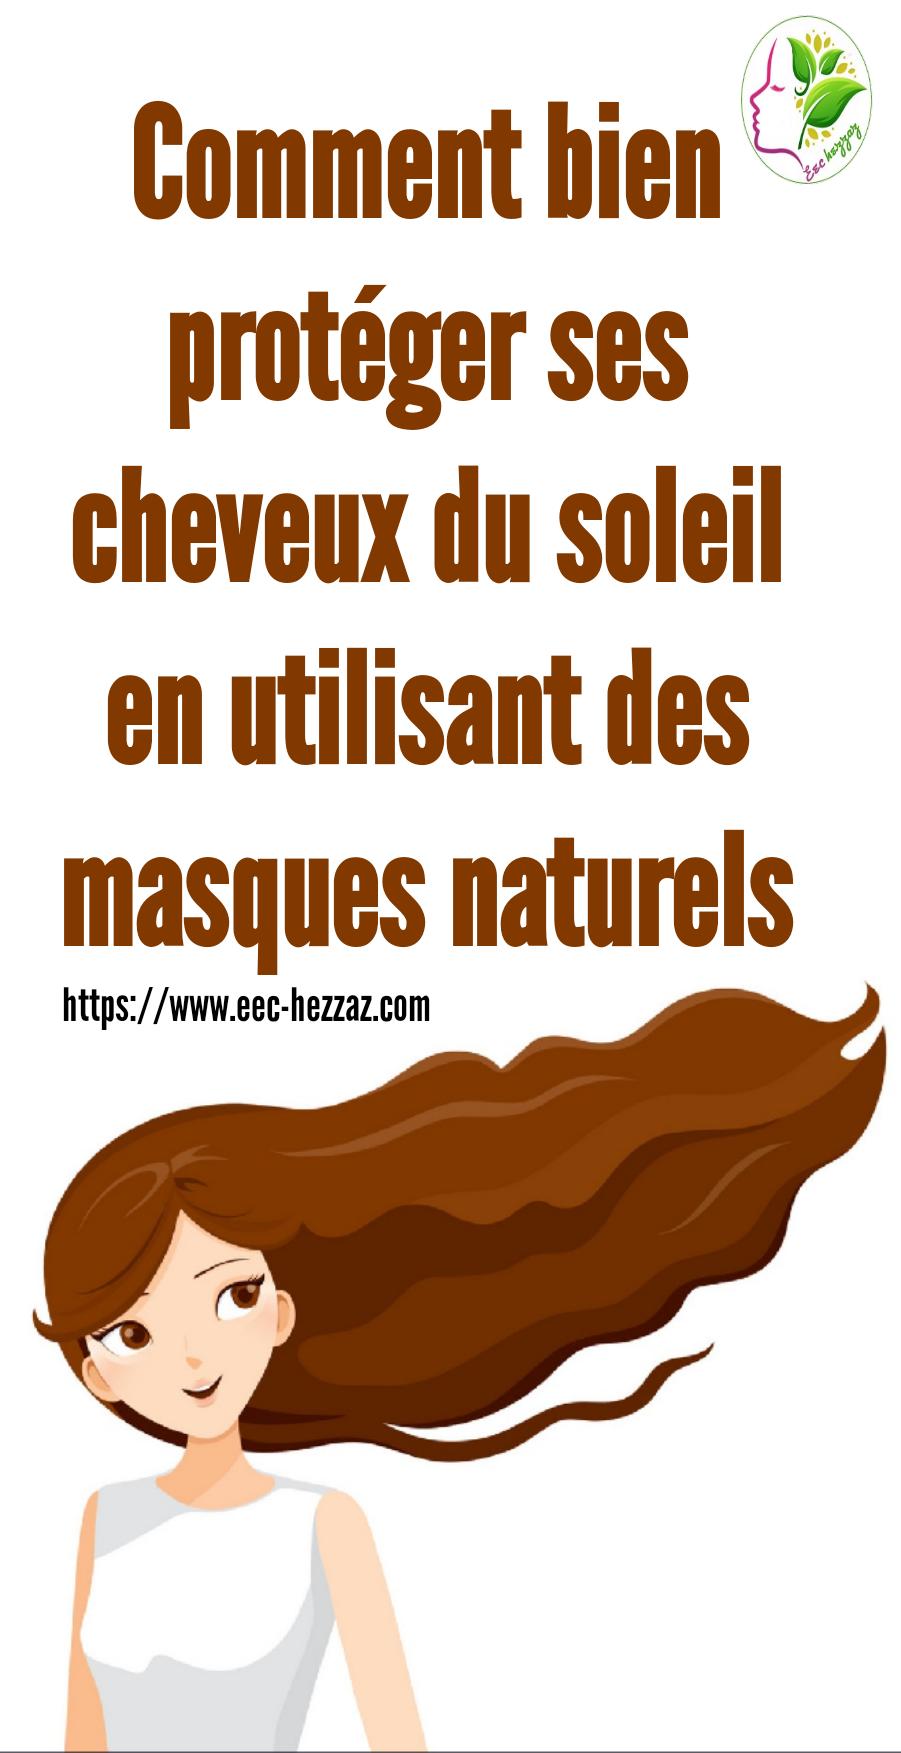 Comment bien protéger ses cheveux du soleil en utilisant des masques naturels